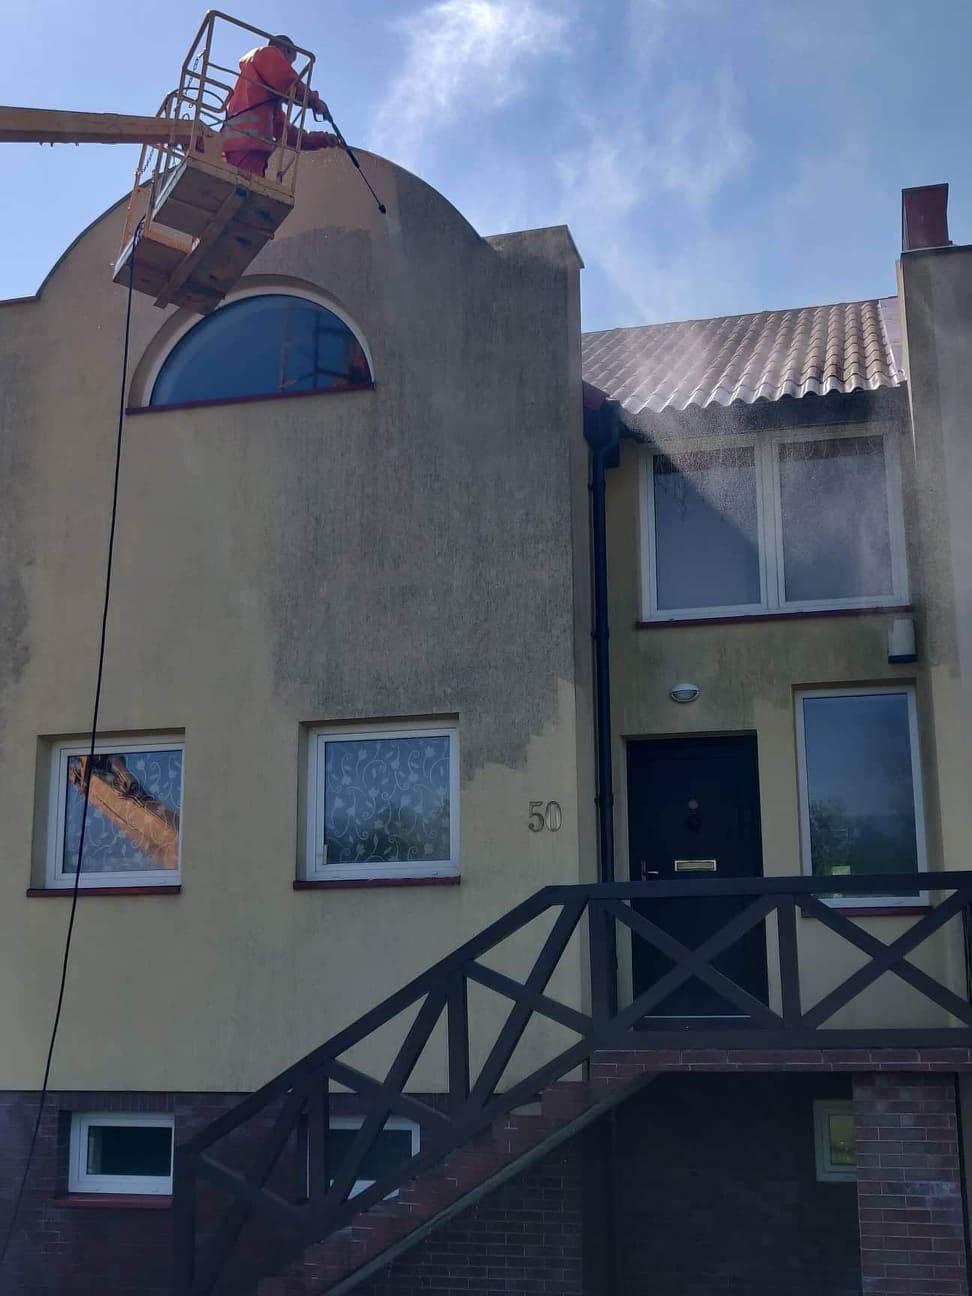 Seno fasado valymas ir atnaujinimas